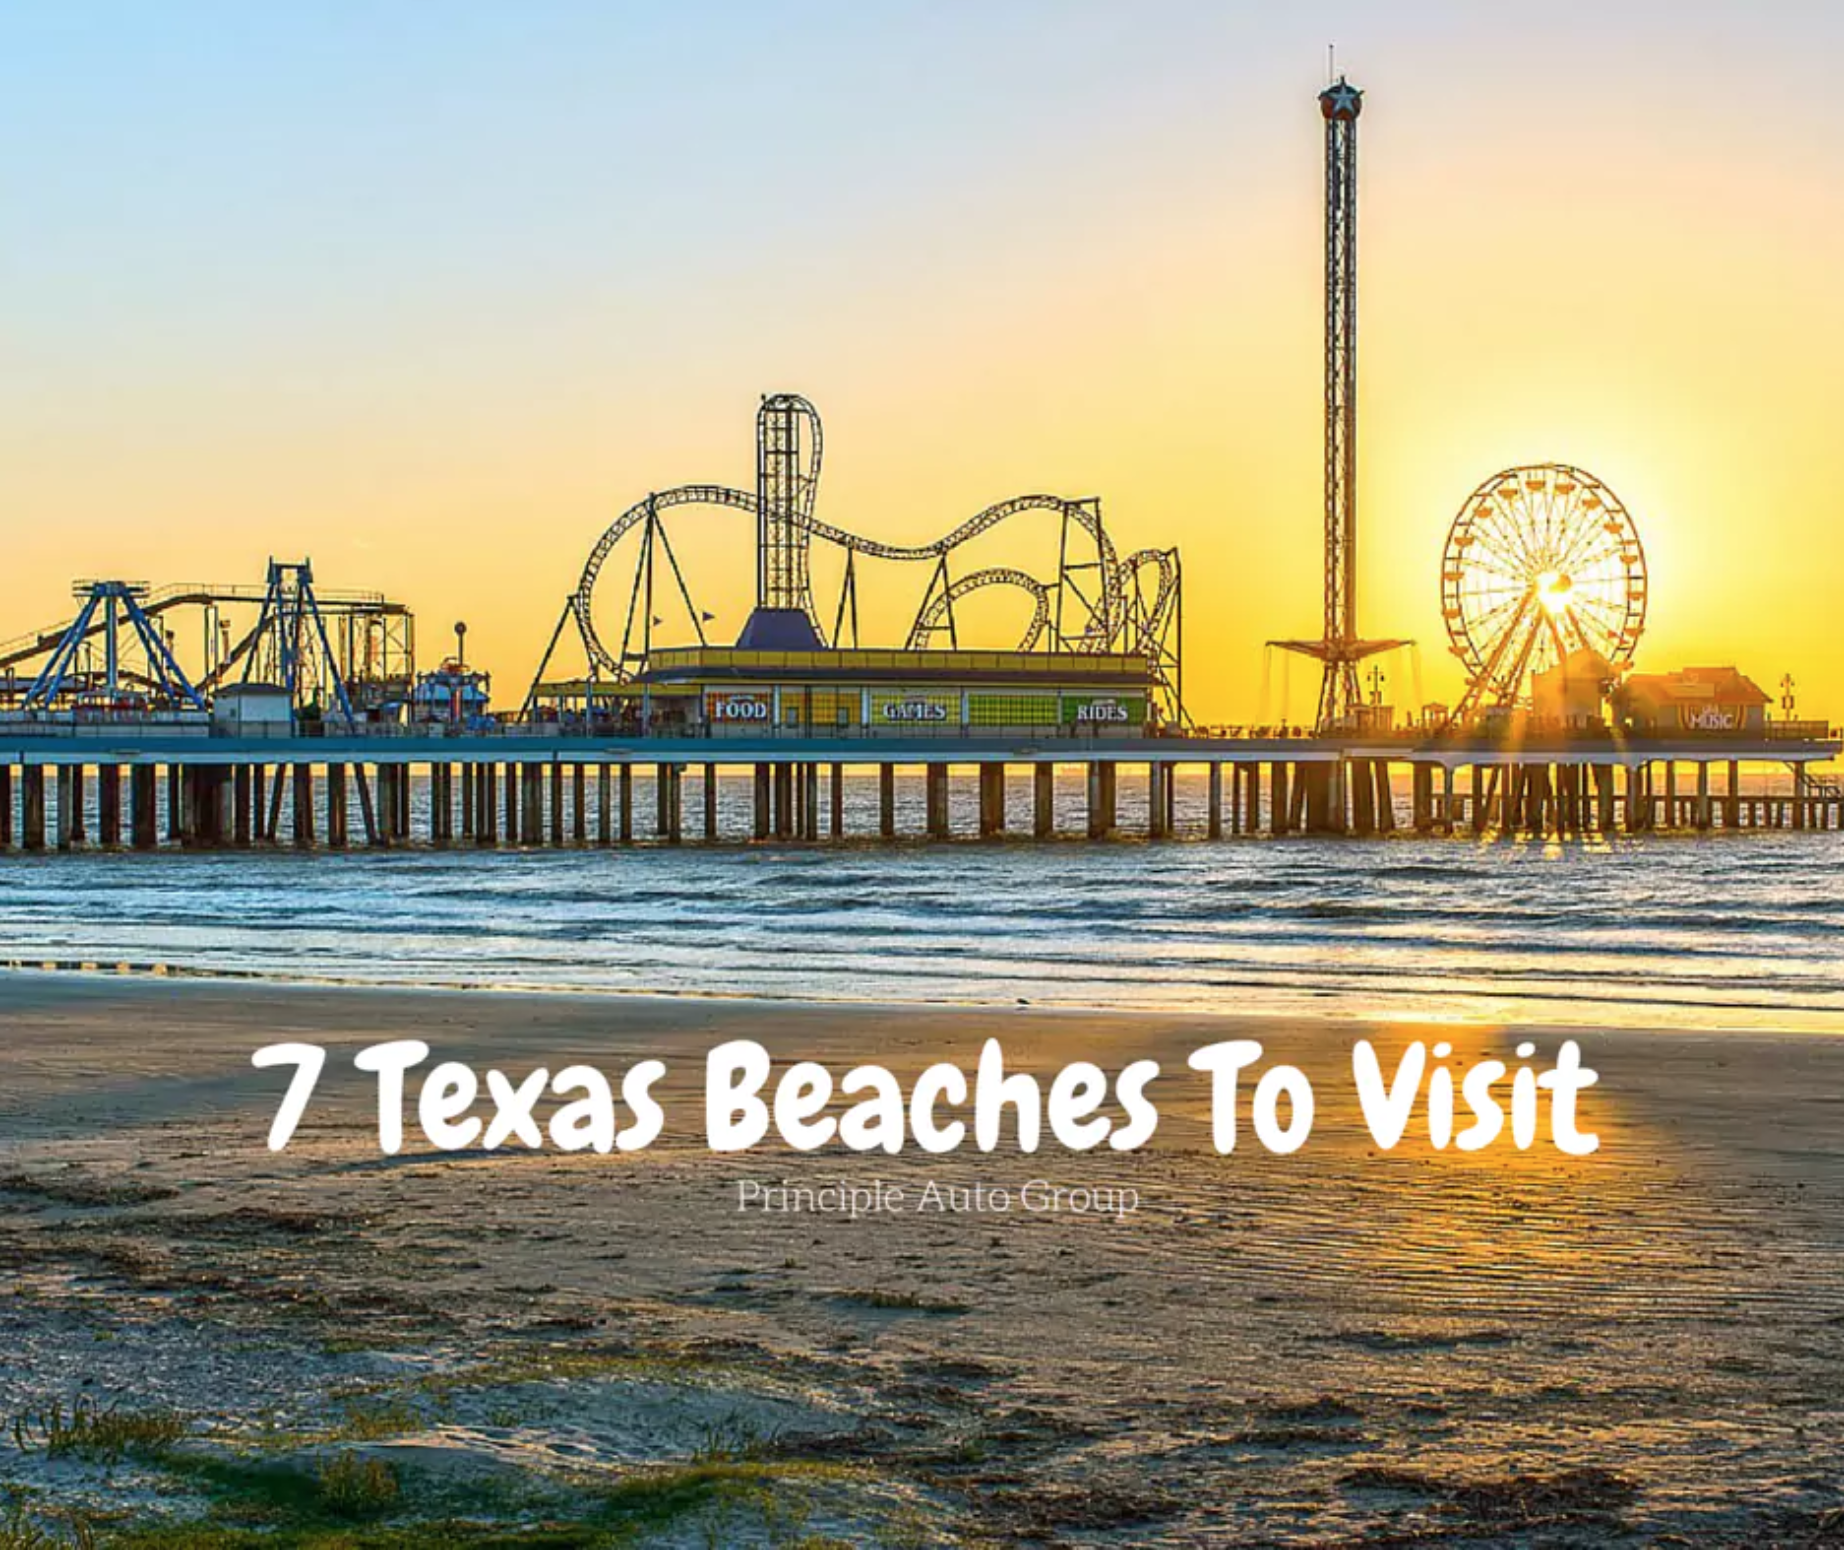 7 Texas Beaches To Visit | Principle Auto